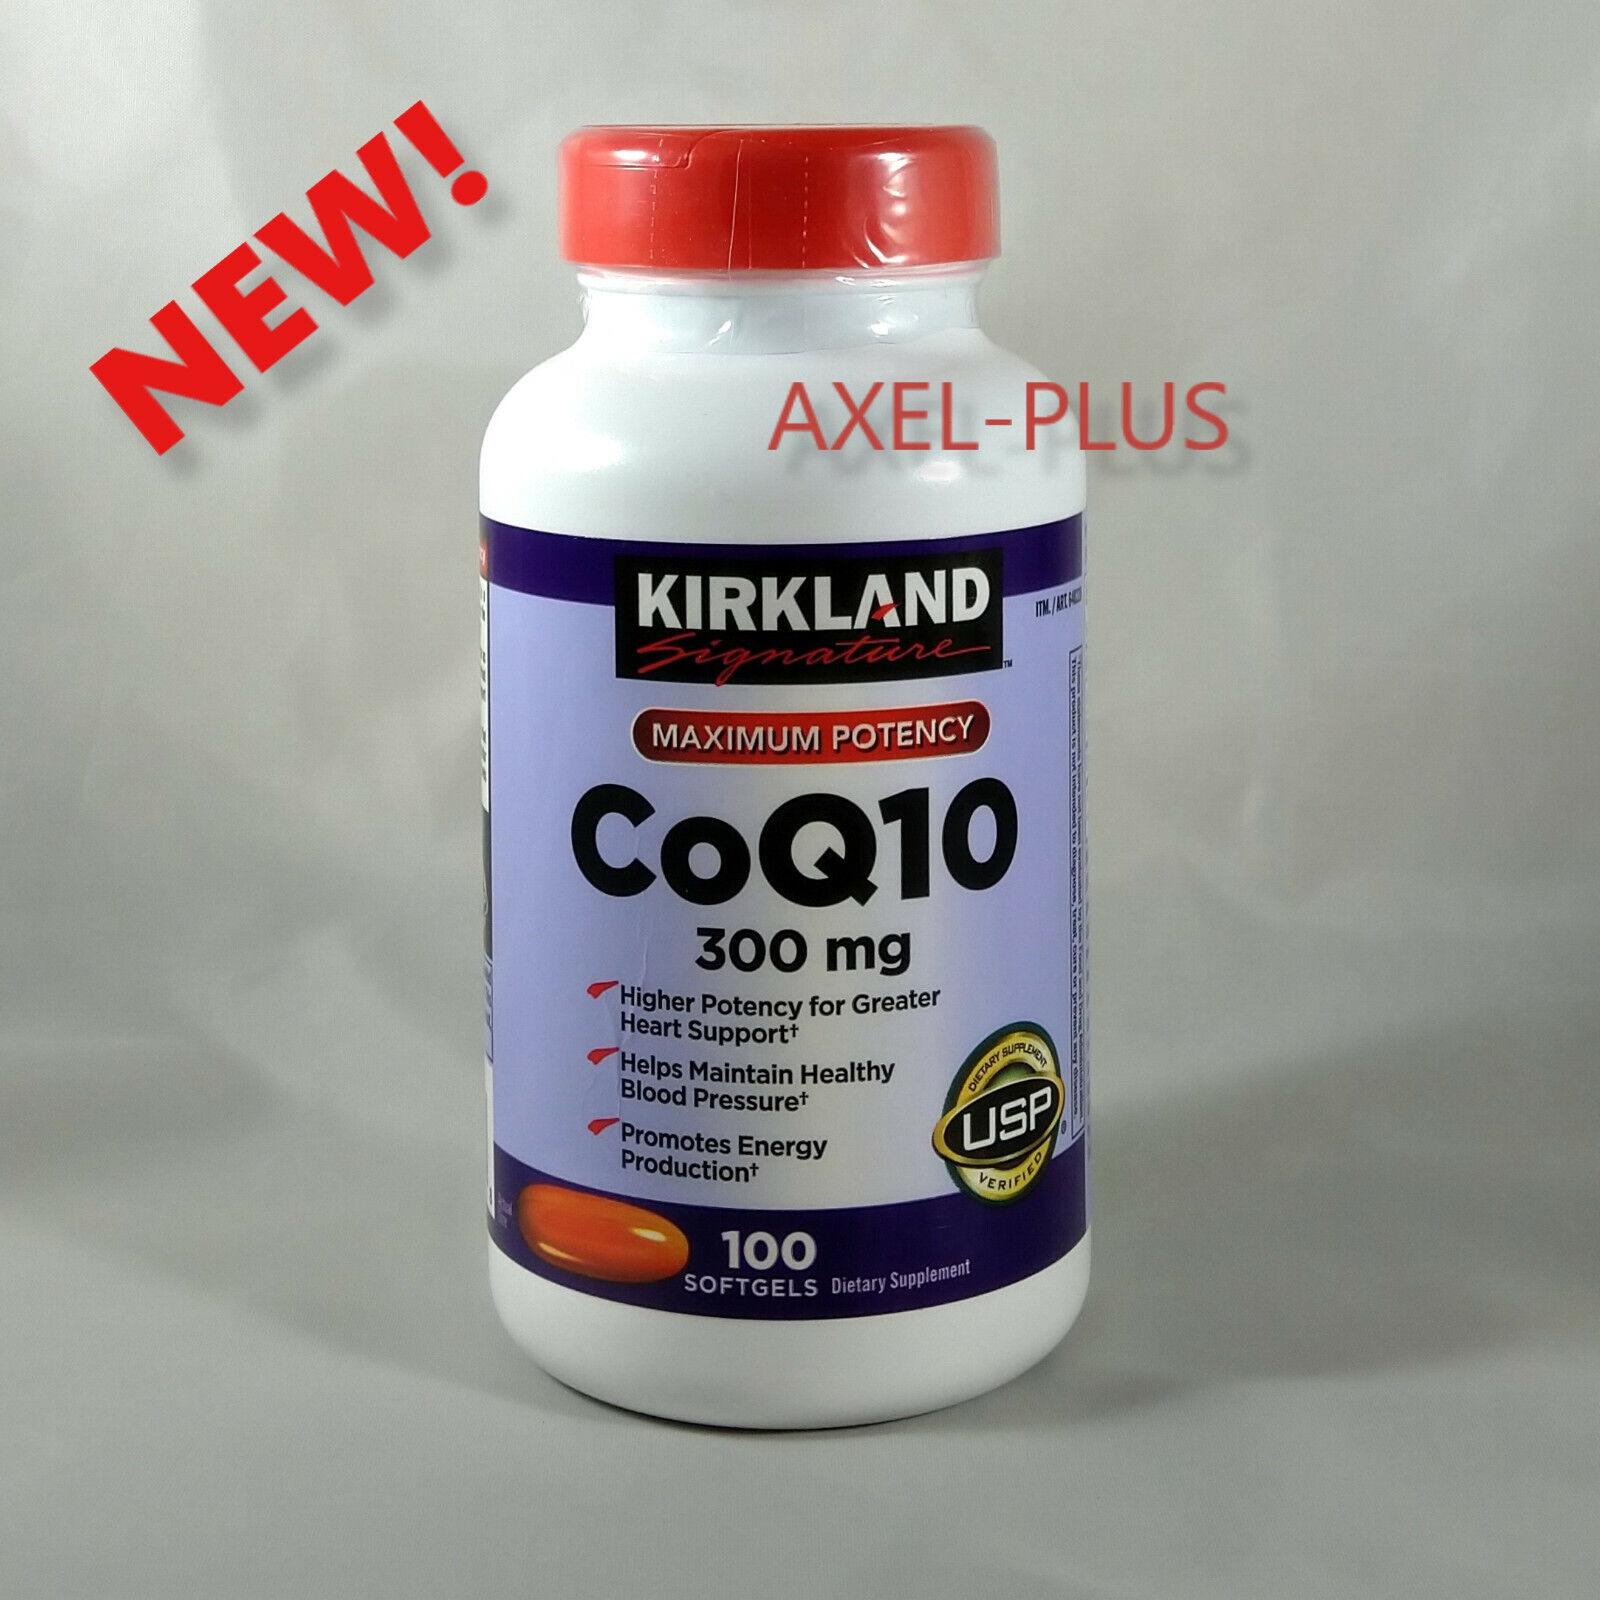 Kirkland Signature CoQ10 300 mg 100 Softgels Maximum Potency